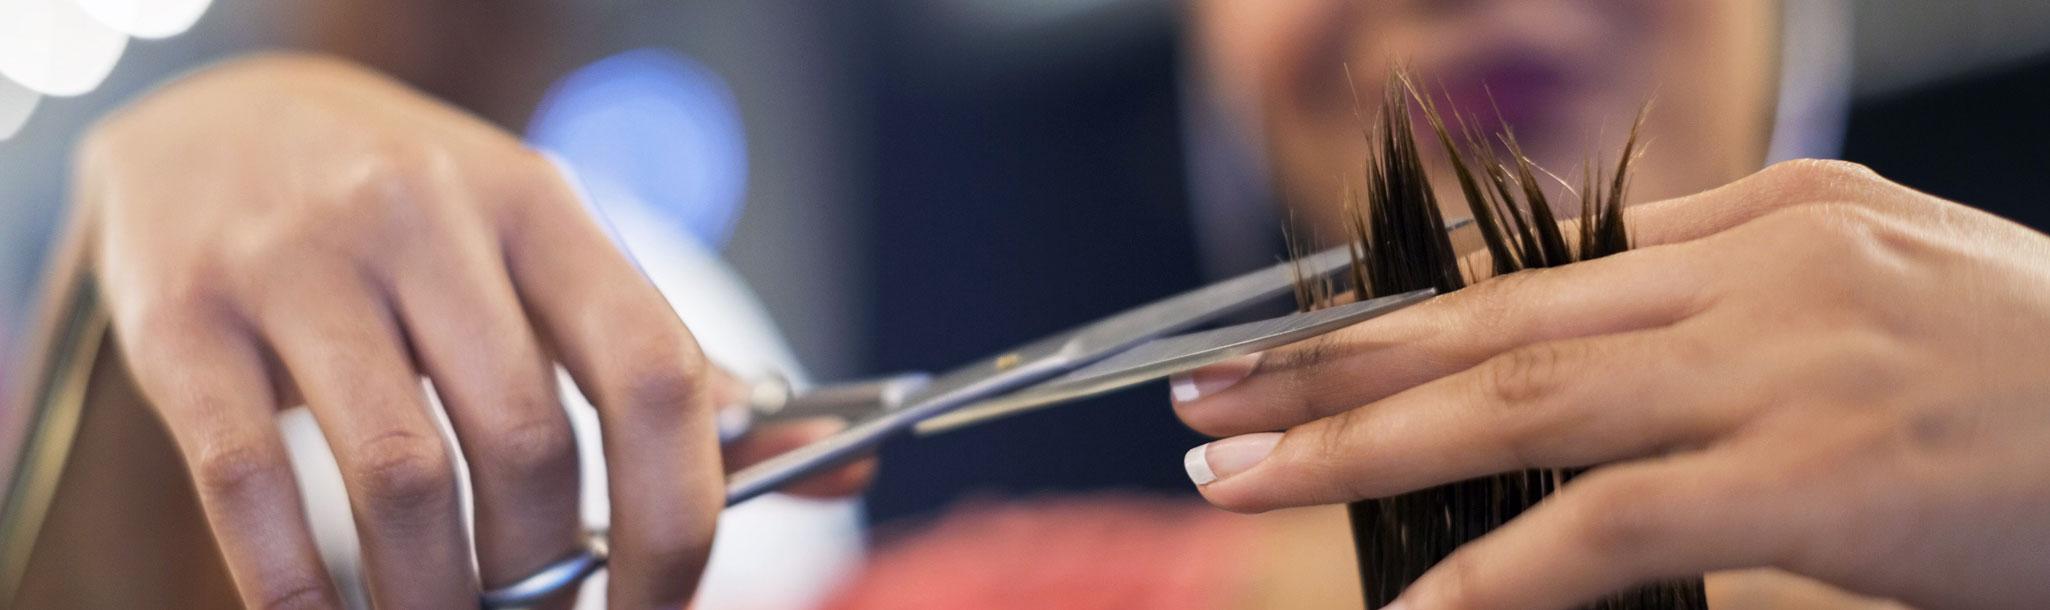 Alter ego point vendita prodotti per parrucchieri for Corsi arredamento